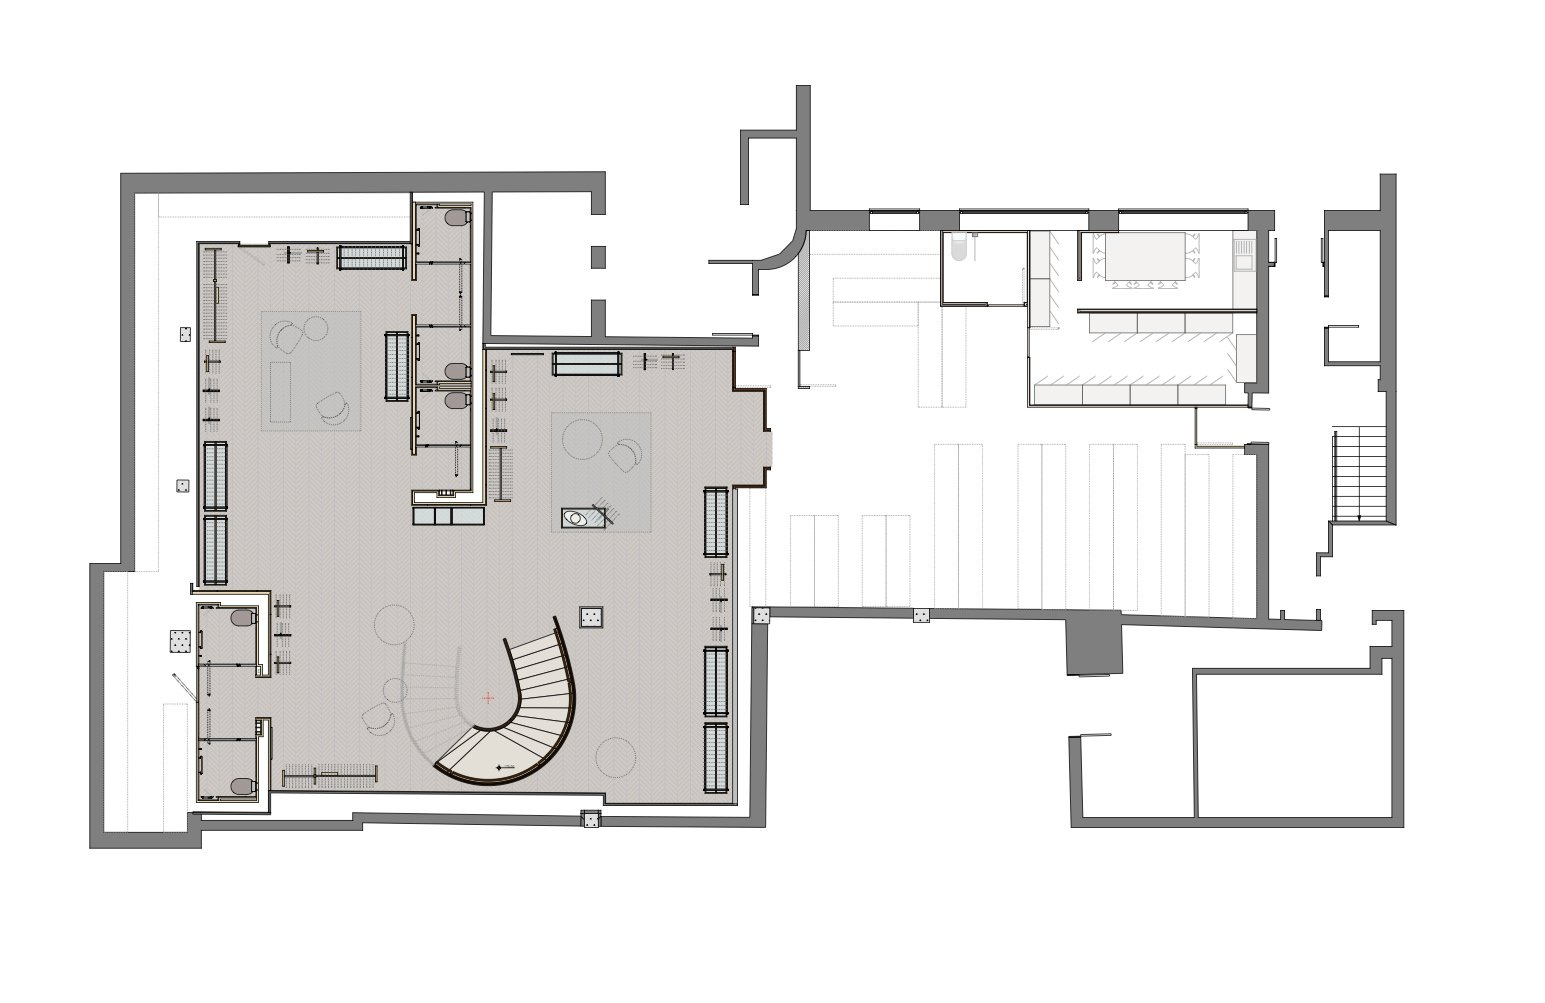 basement plan }